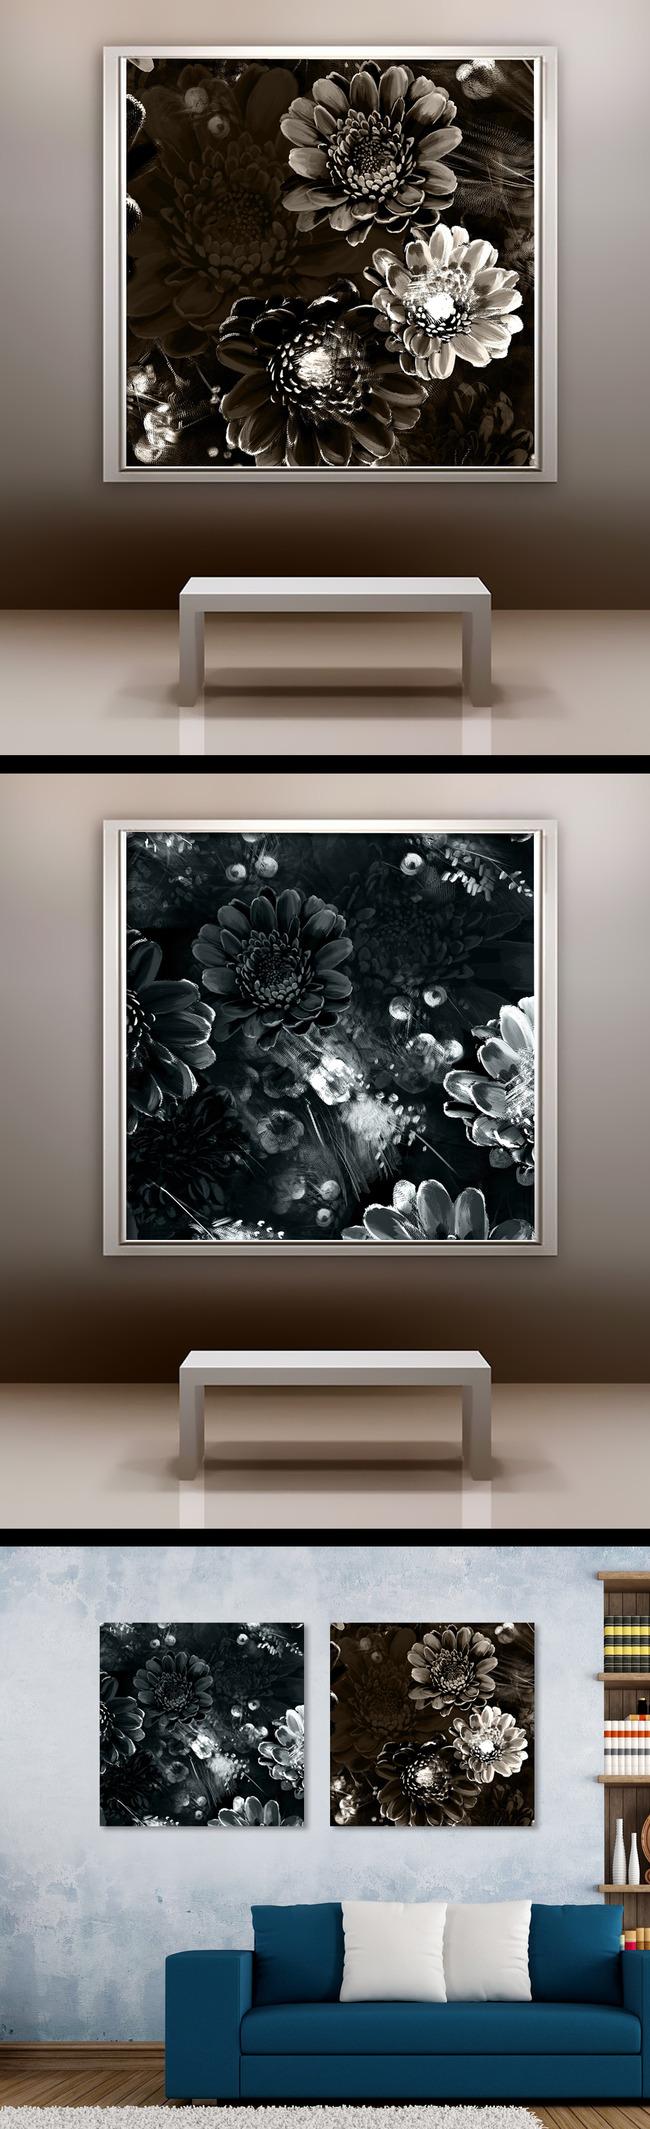 欧式油画丙烯画花朵无框画壁画背景墙